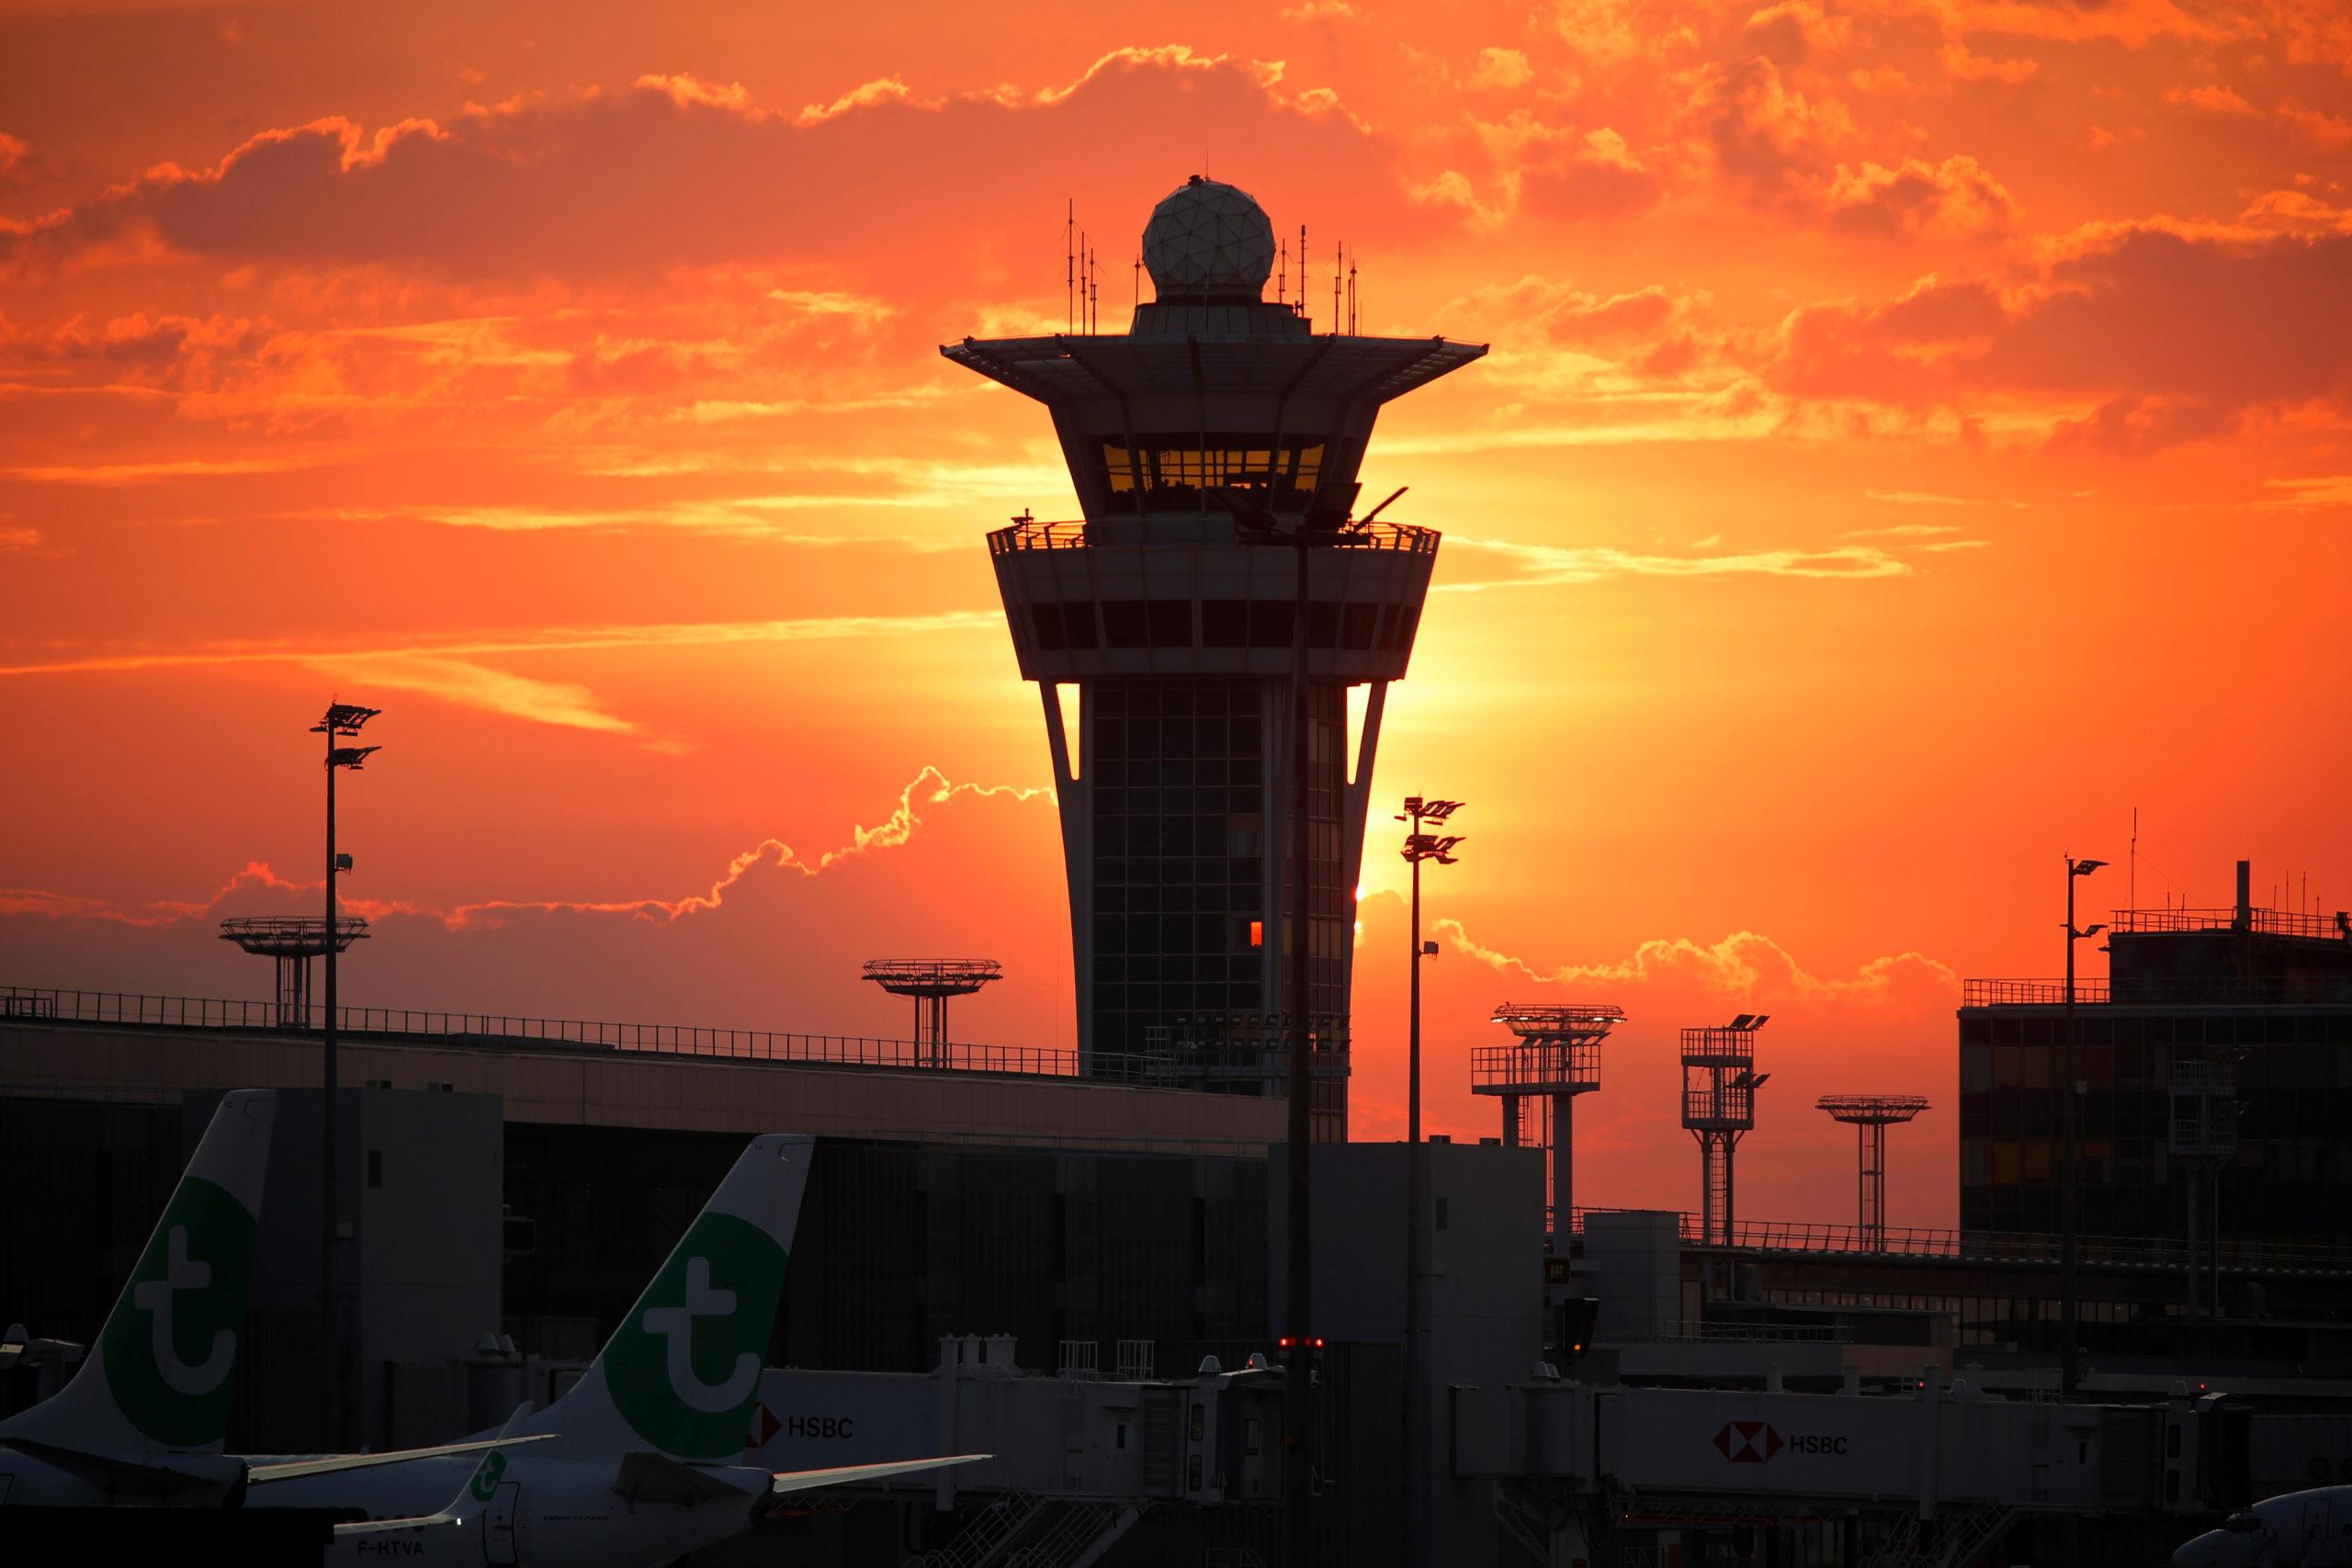 L'aéroport d'Orly ferme son accès 4 en raison de la baisse du trafic